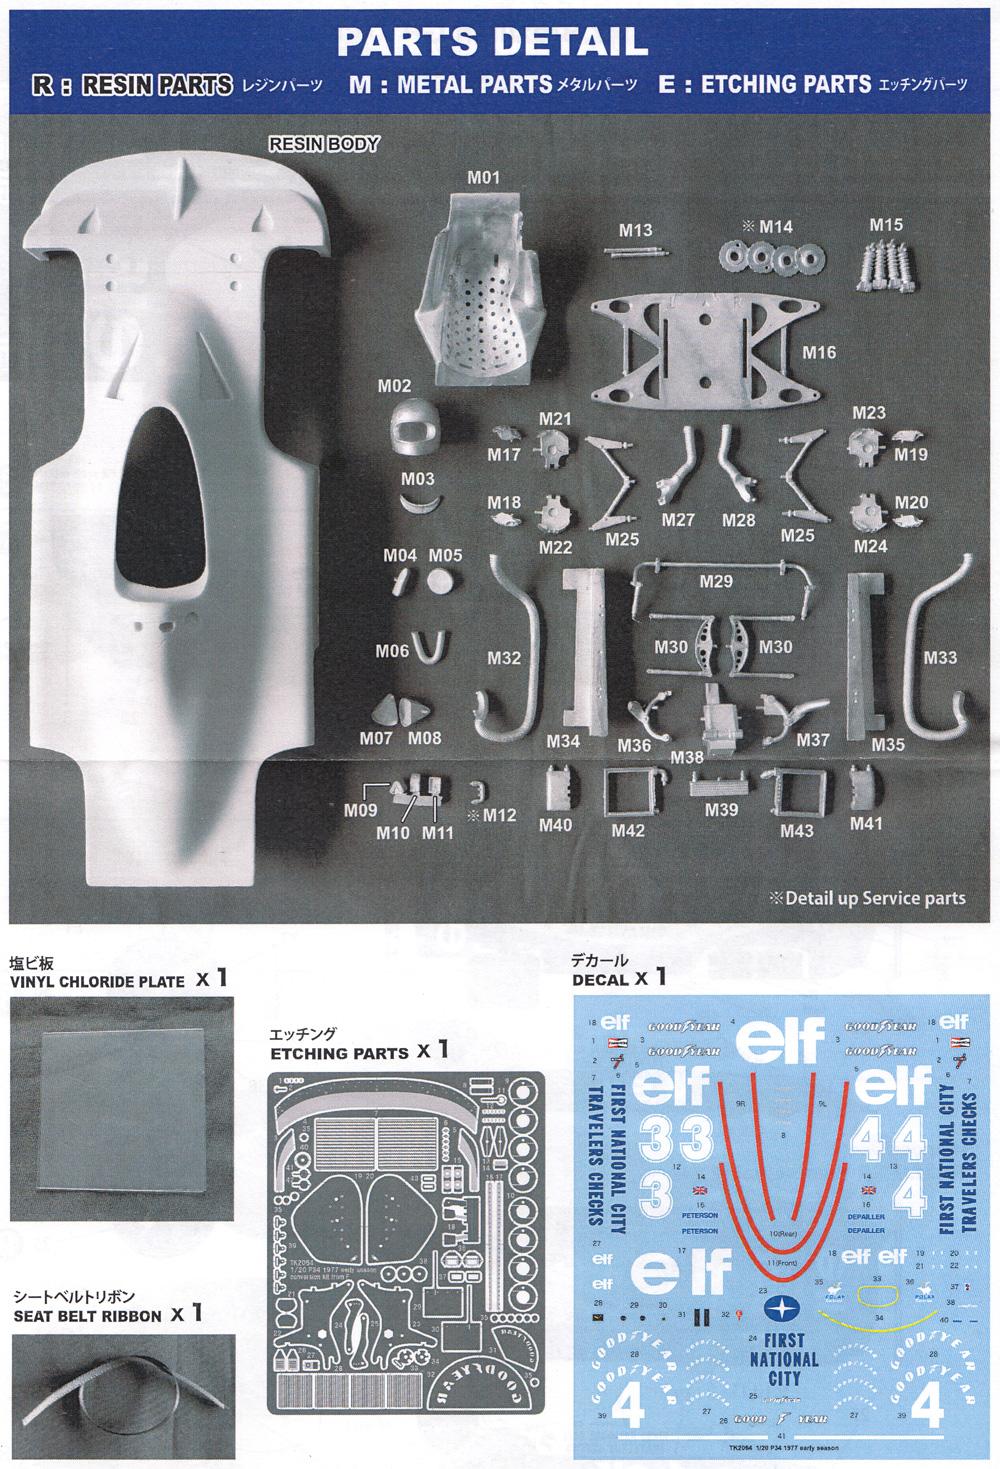 ティレル P34 1977 前期仕様トランスキット(スタジオ27F-1 トランスキットNo.TK2064)商品画像_1